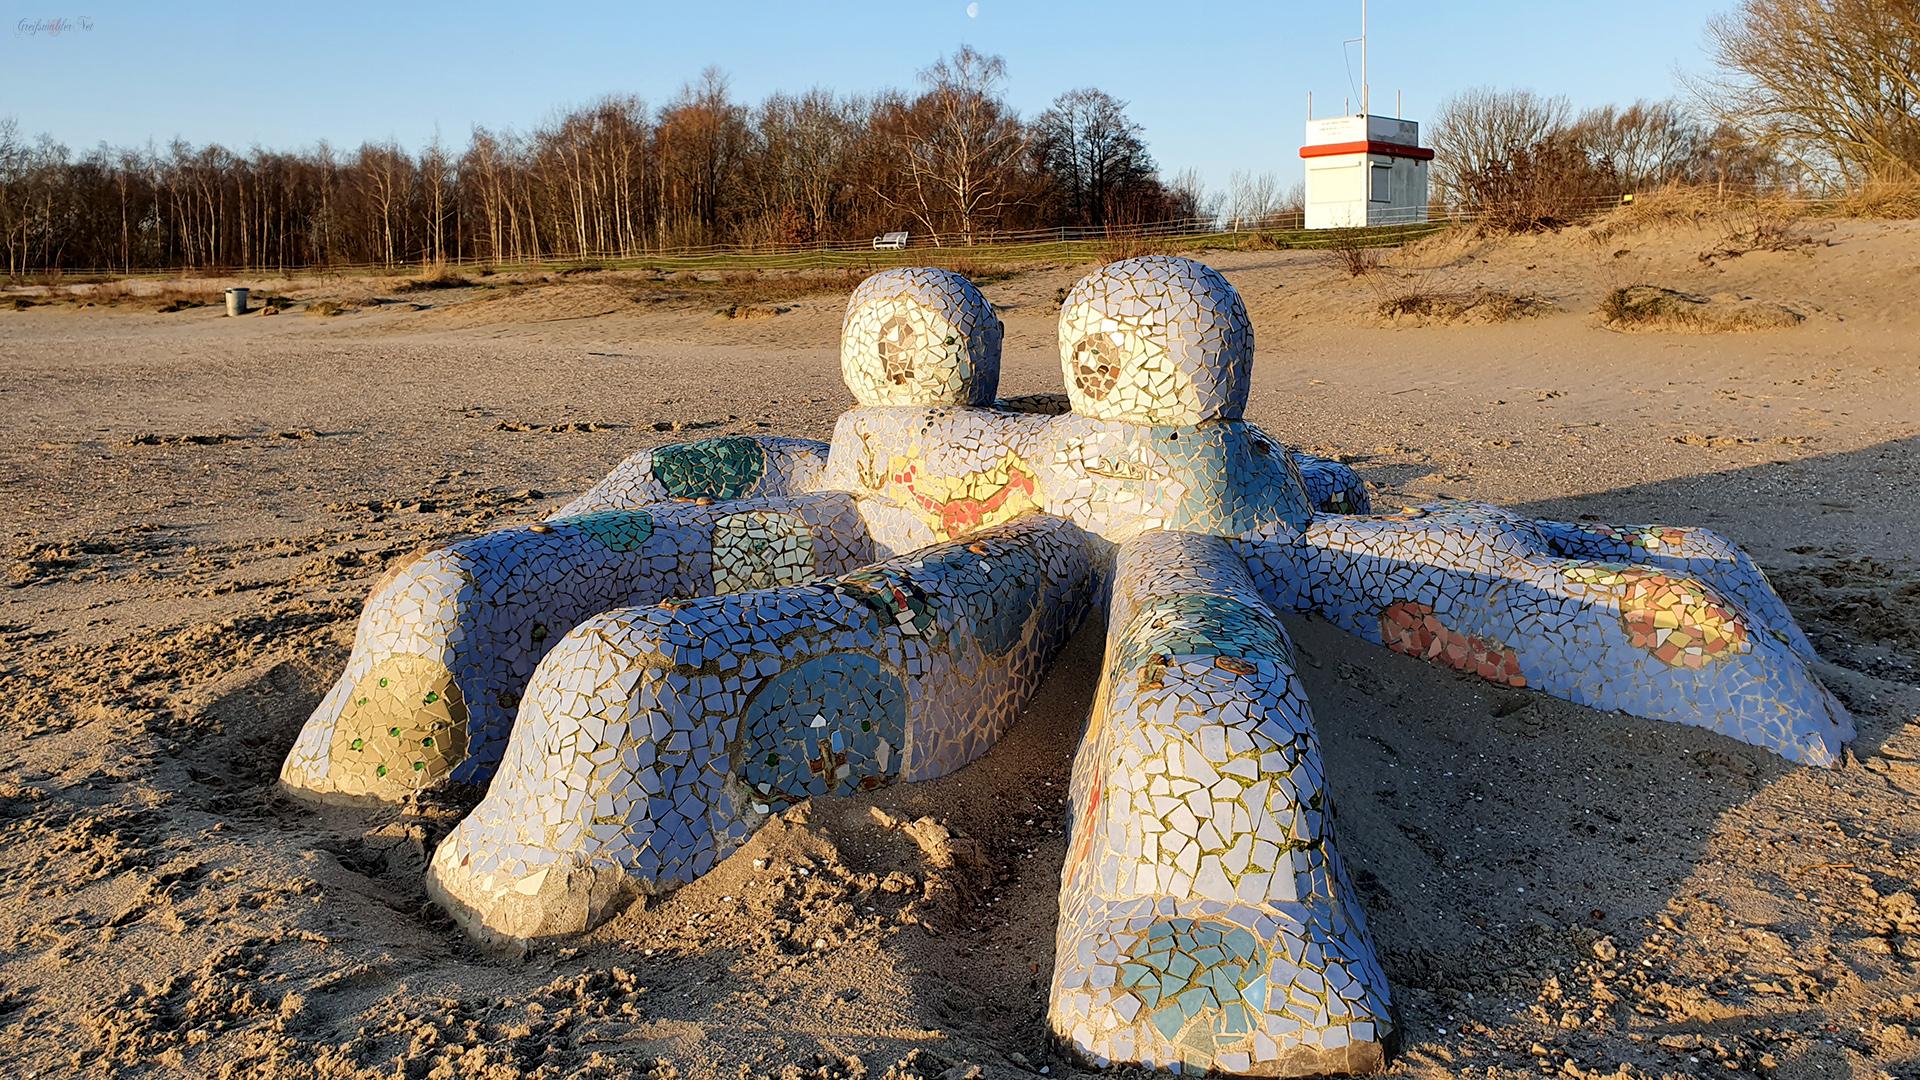 Krake Hannelore am Strand in Greifswald-Eldena